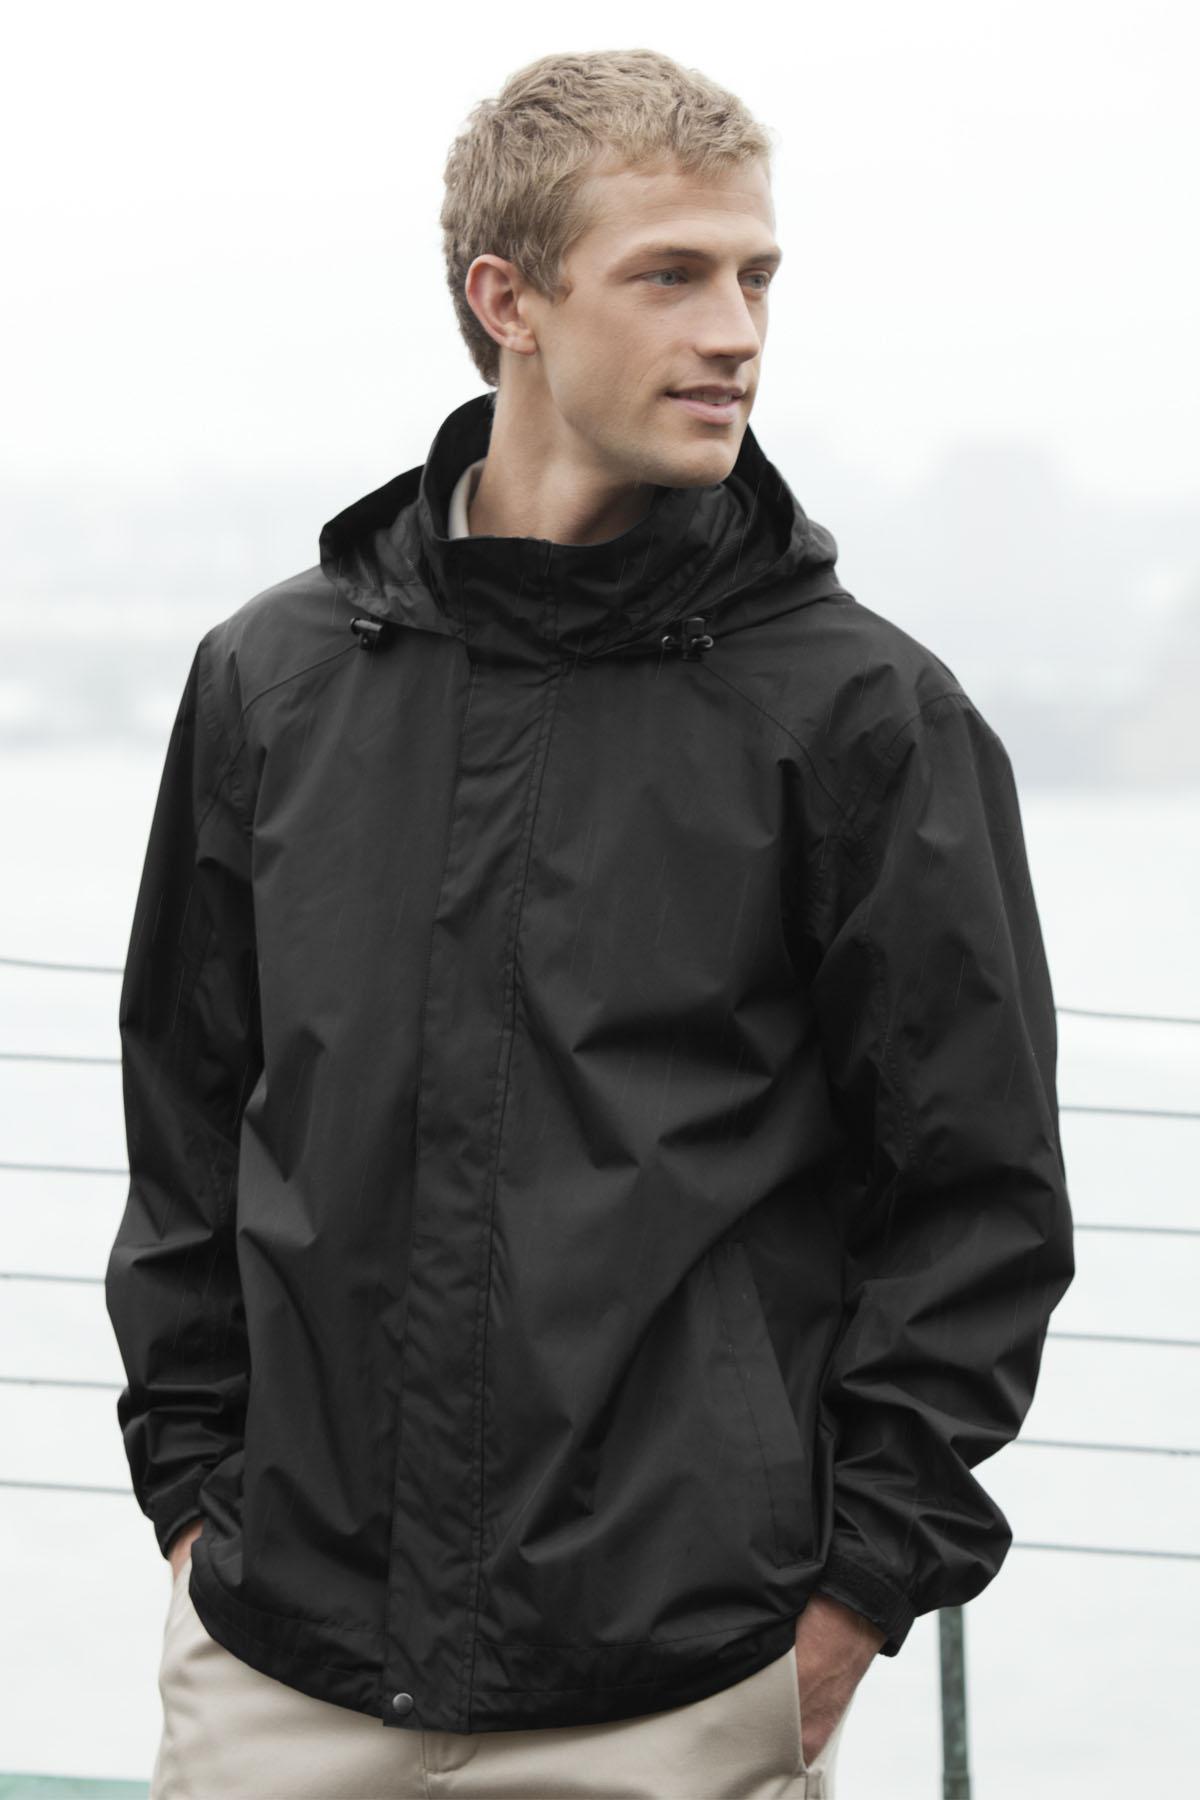 Vantage 7330 - Stormer Waterproof Jacket